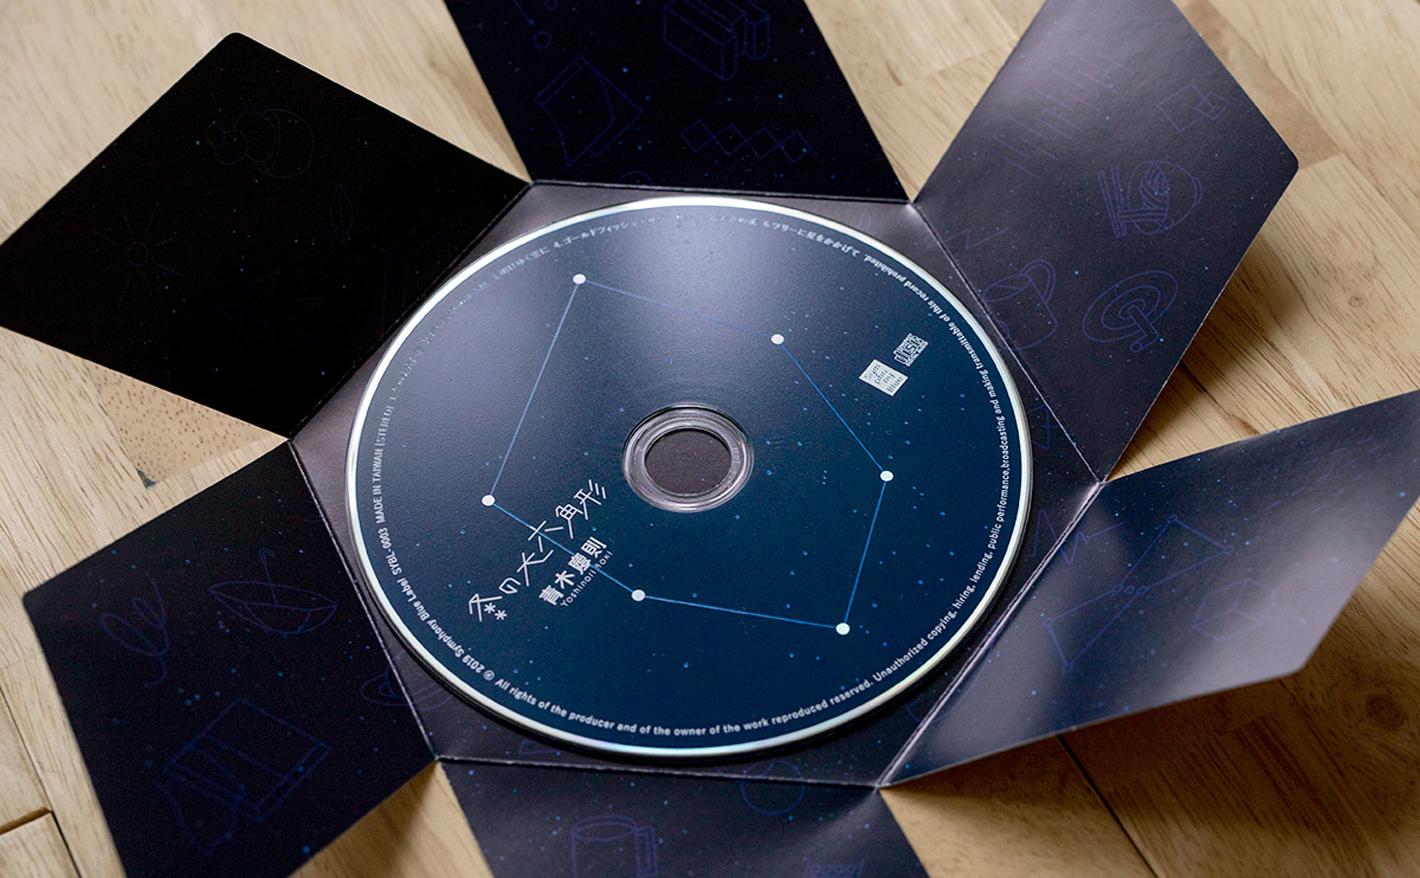 ミュージシャン青木慶則「冬の大六角形」のCDのデザイン、MVの企画制作を手がけました。<br /> <br /> CDパッケージはタイトル「冬の大六角形」にあわせ、1枚の紙を折り曲げると六角形になる特殊印刷を用いたデザインを採用しました。そしてMVは冬の星座をモチーフにした楽曲に合わせ、伊豆大島での星空観測を企画・撮影。カラーグレーディング、編集、モーショングラフィックまですべて社内で制作しています。